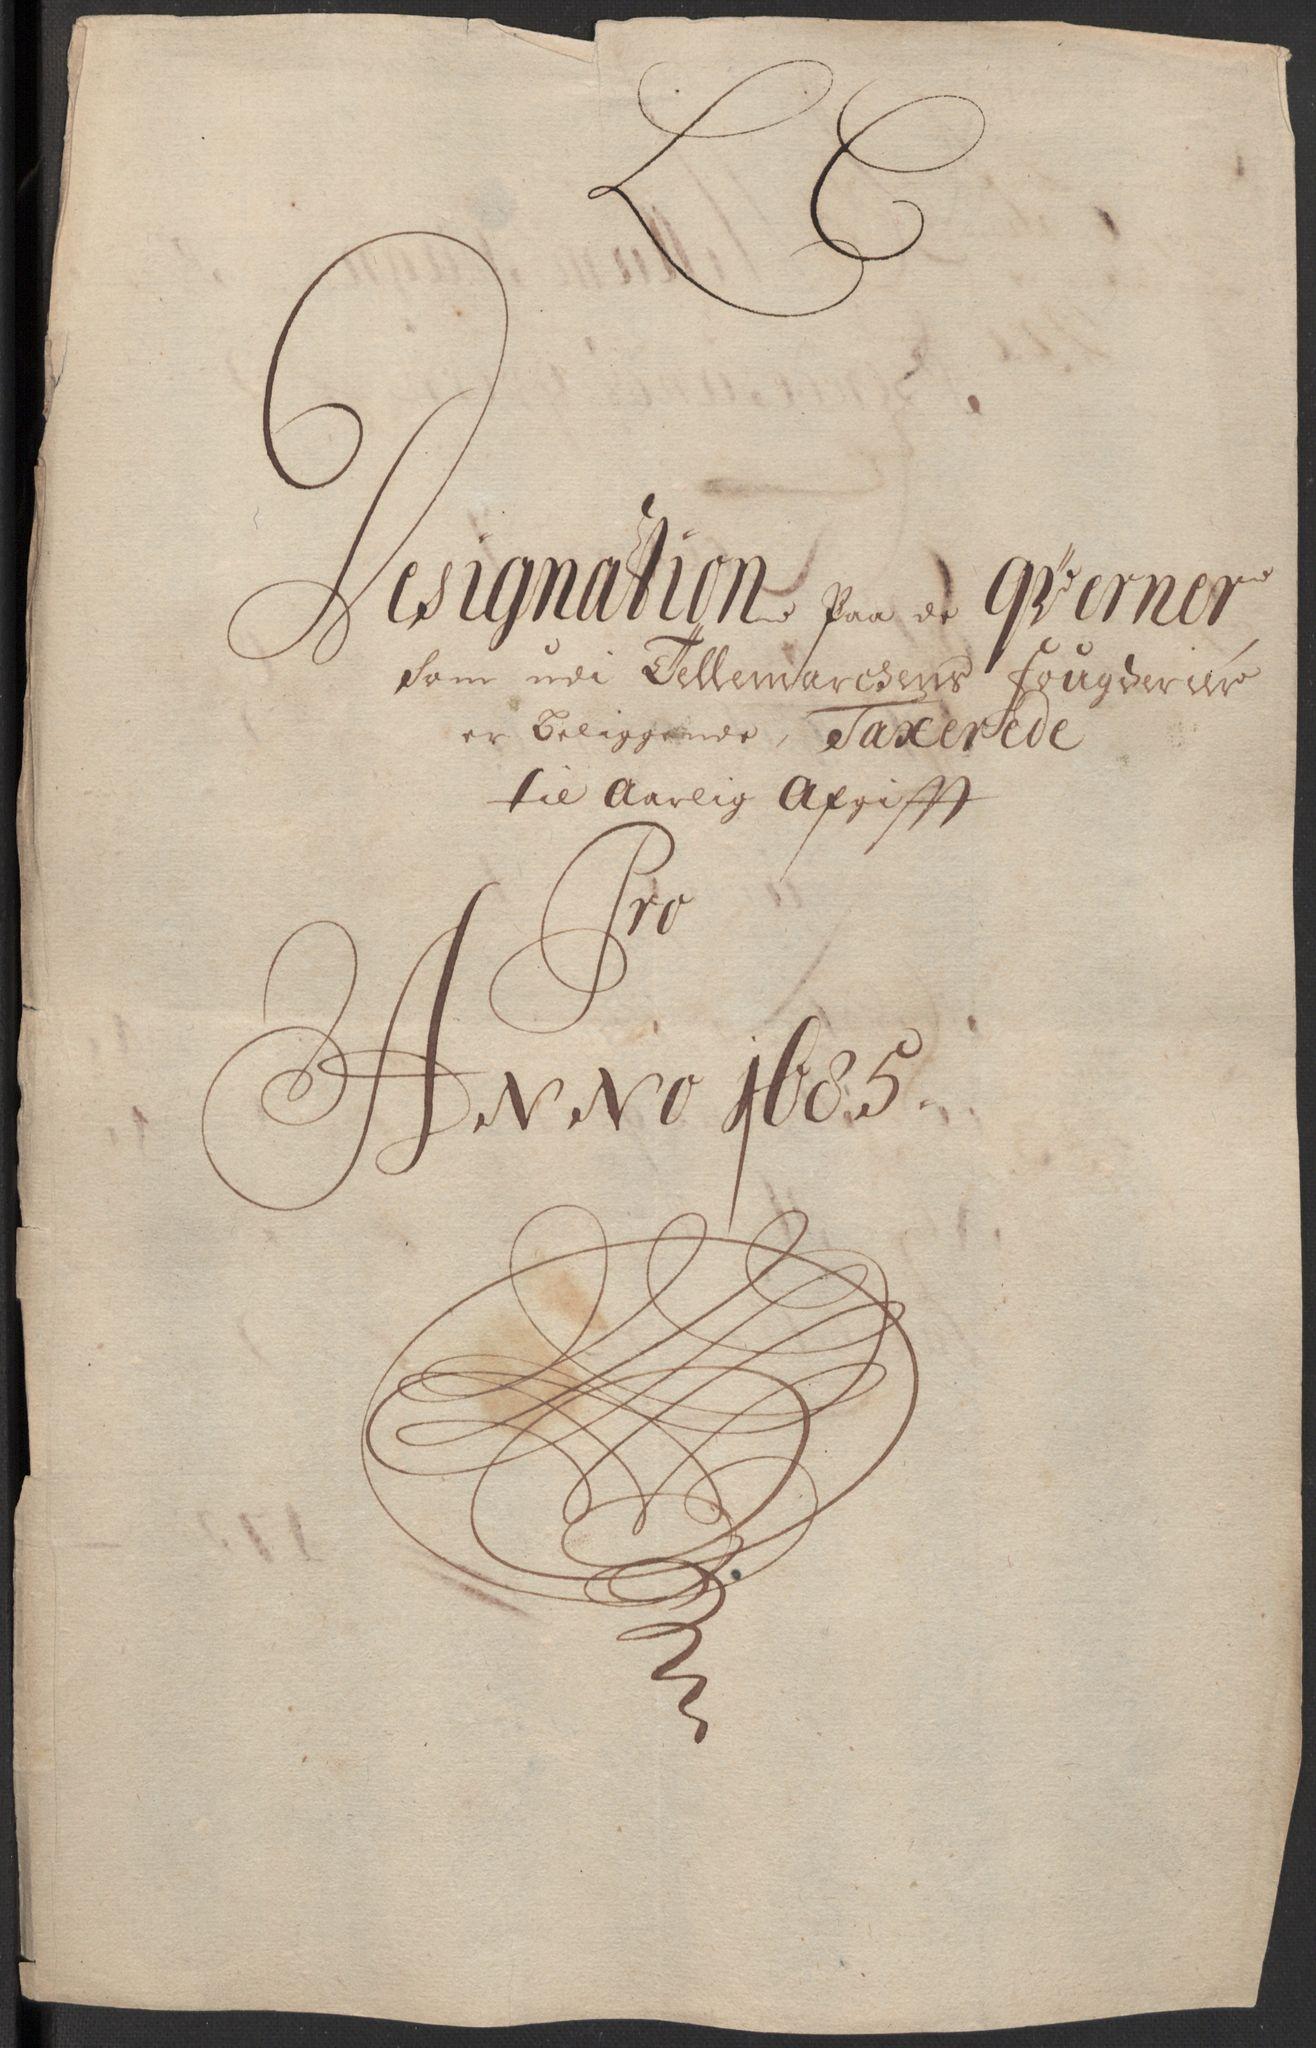 RA, Rentekammeret inntil 1814, Reviderte regnskaper, Fogderegnskap, R35/L2082: Fogderegnskap Øvre og Nedre Telemark, 1685, s. 61